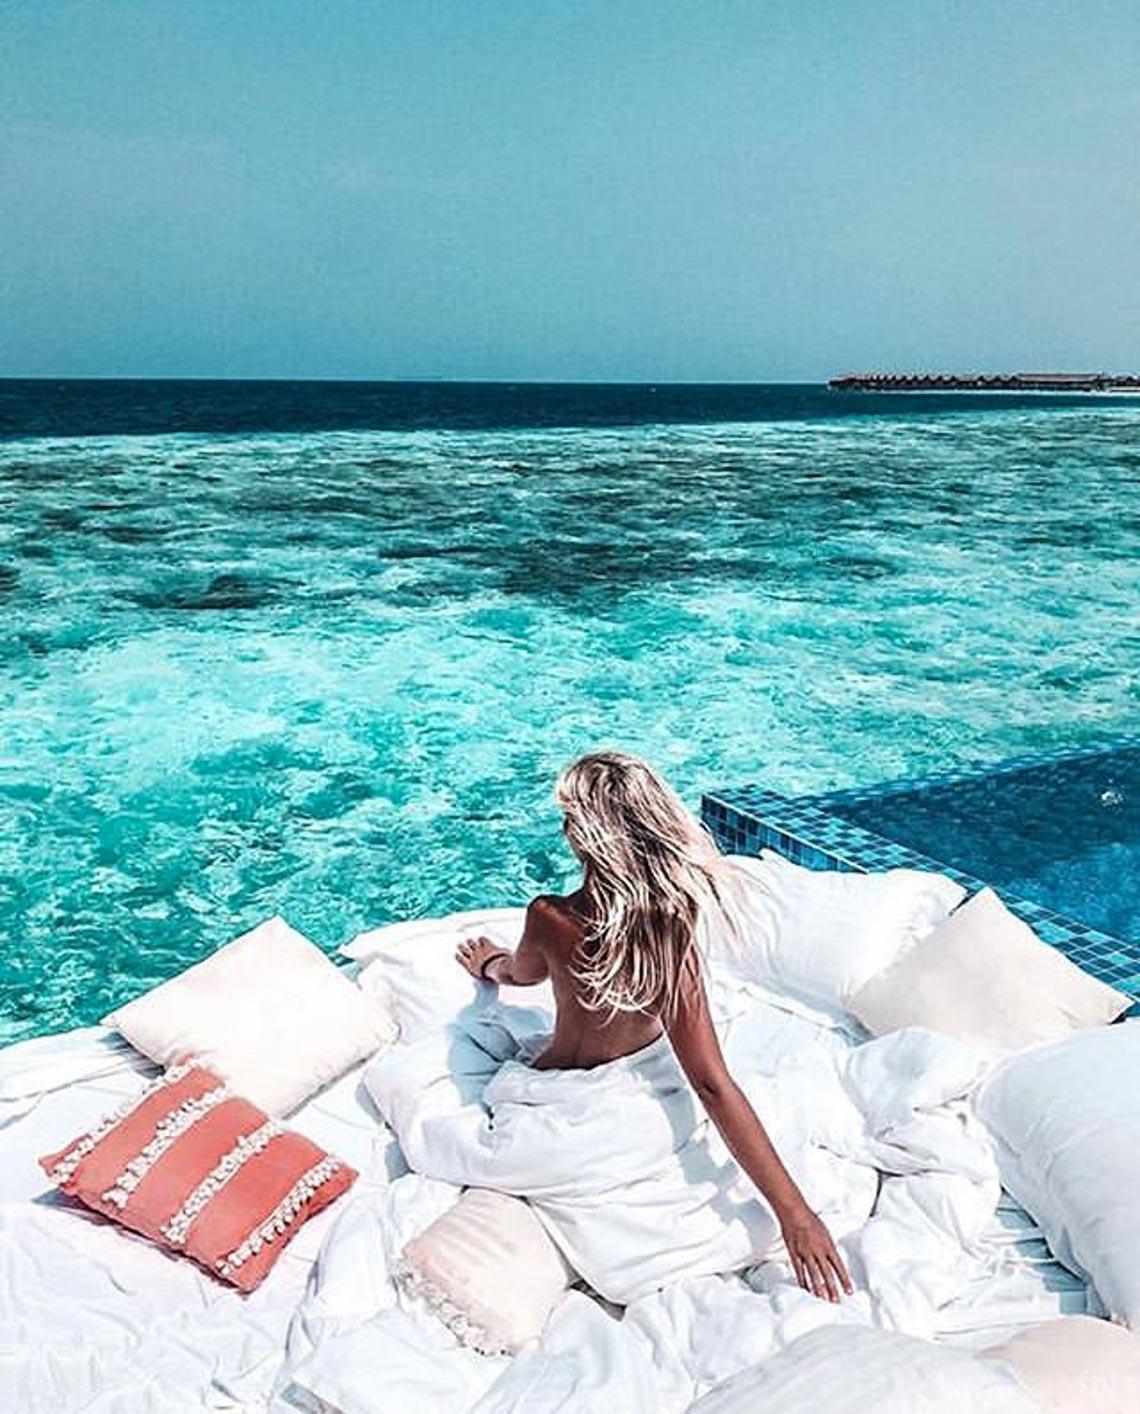 Khu nghỉ dưỡng Grand Park Kodhipparu ở Maldives - 2